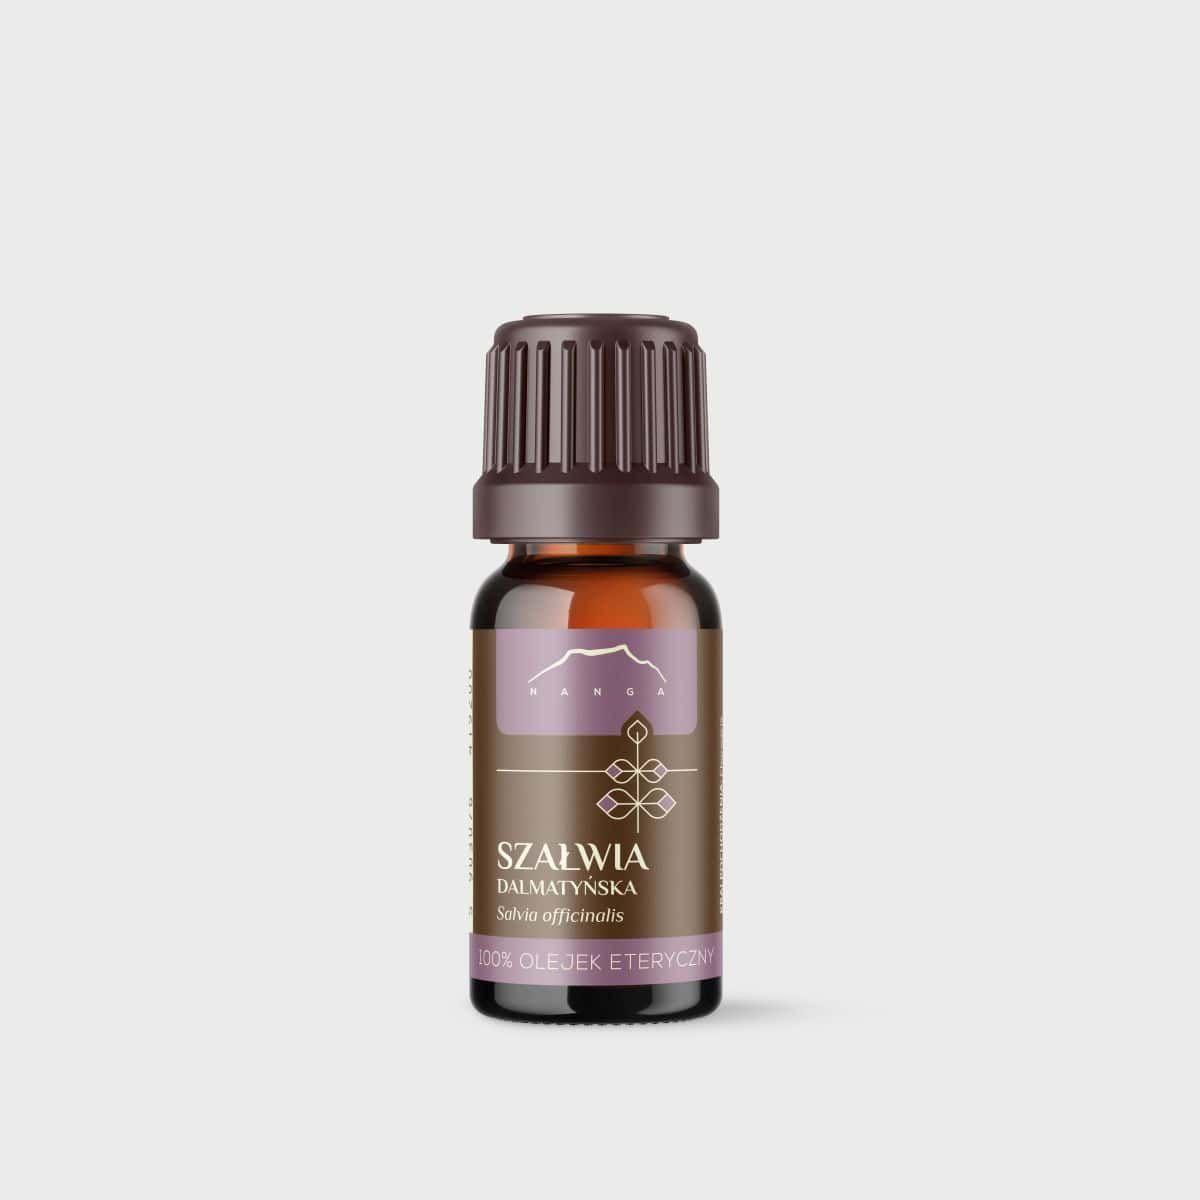 Olejek z szałwii dalmatyńskiej 100% eteryczny Nanga